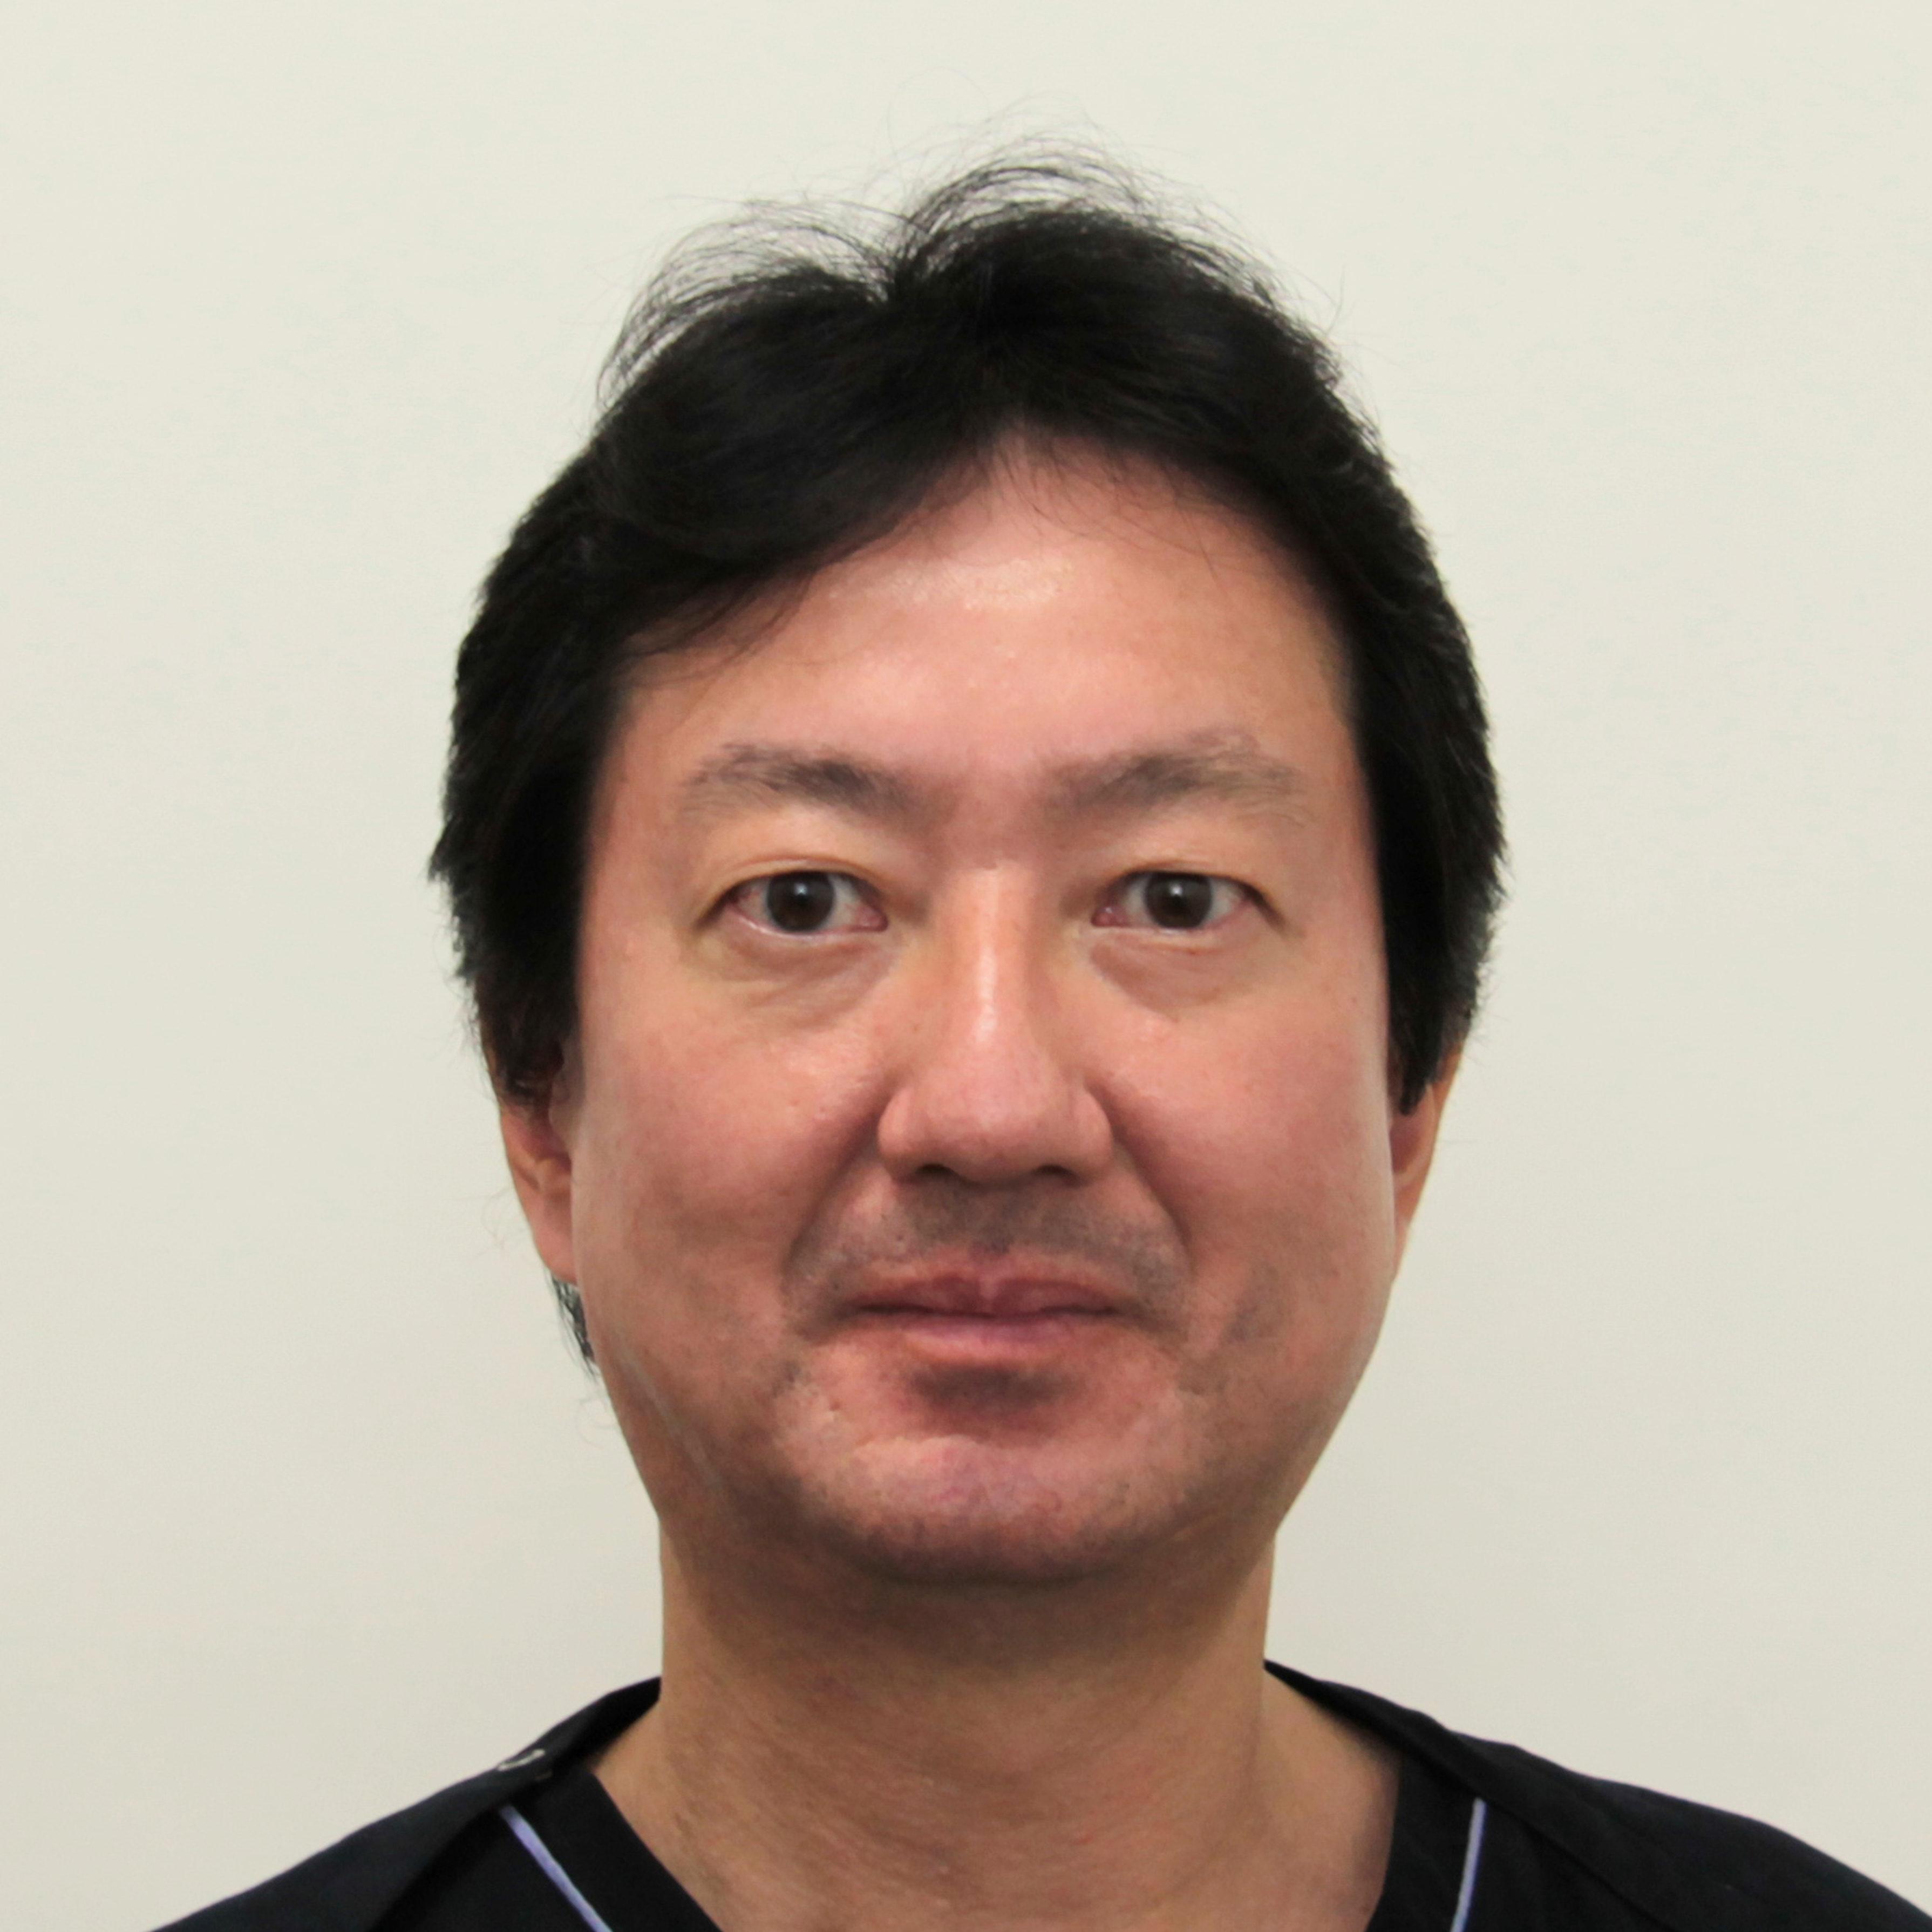 福迫 俊弘 神経内科医師の写真